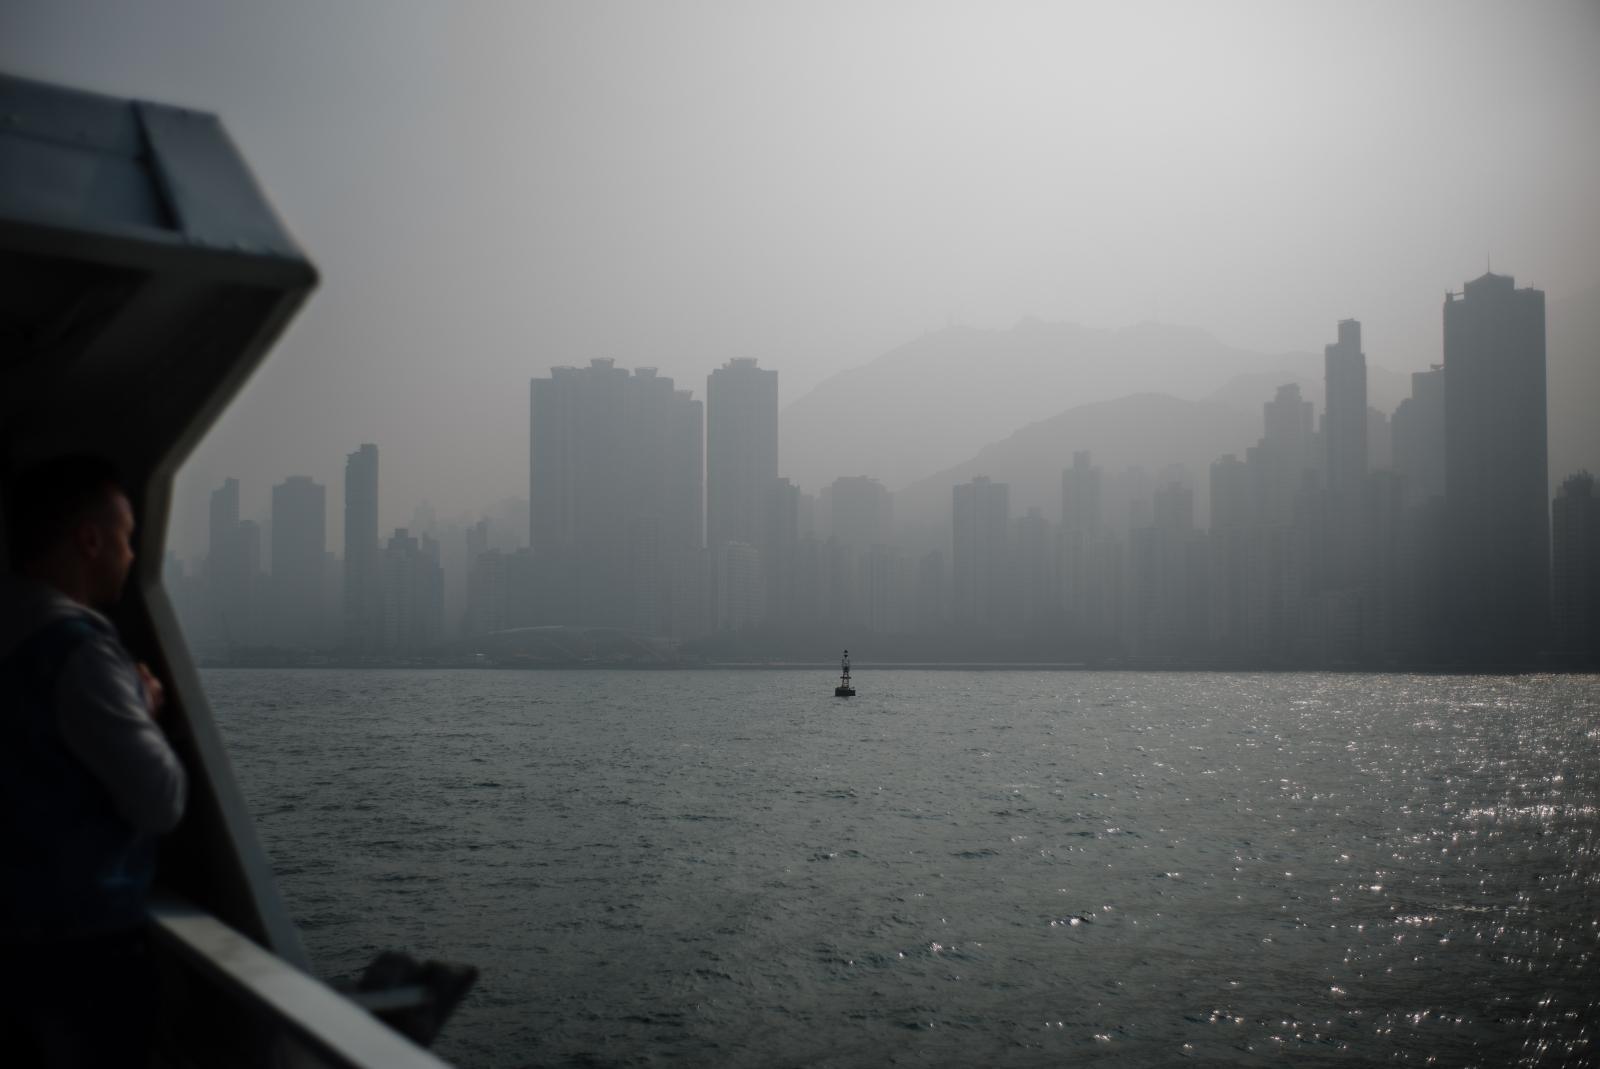 ตอนใต้ของจีนเผชิญมลพิษหนักขึ้น หลังรัฐคุมโรงงานทางเหนือ